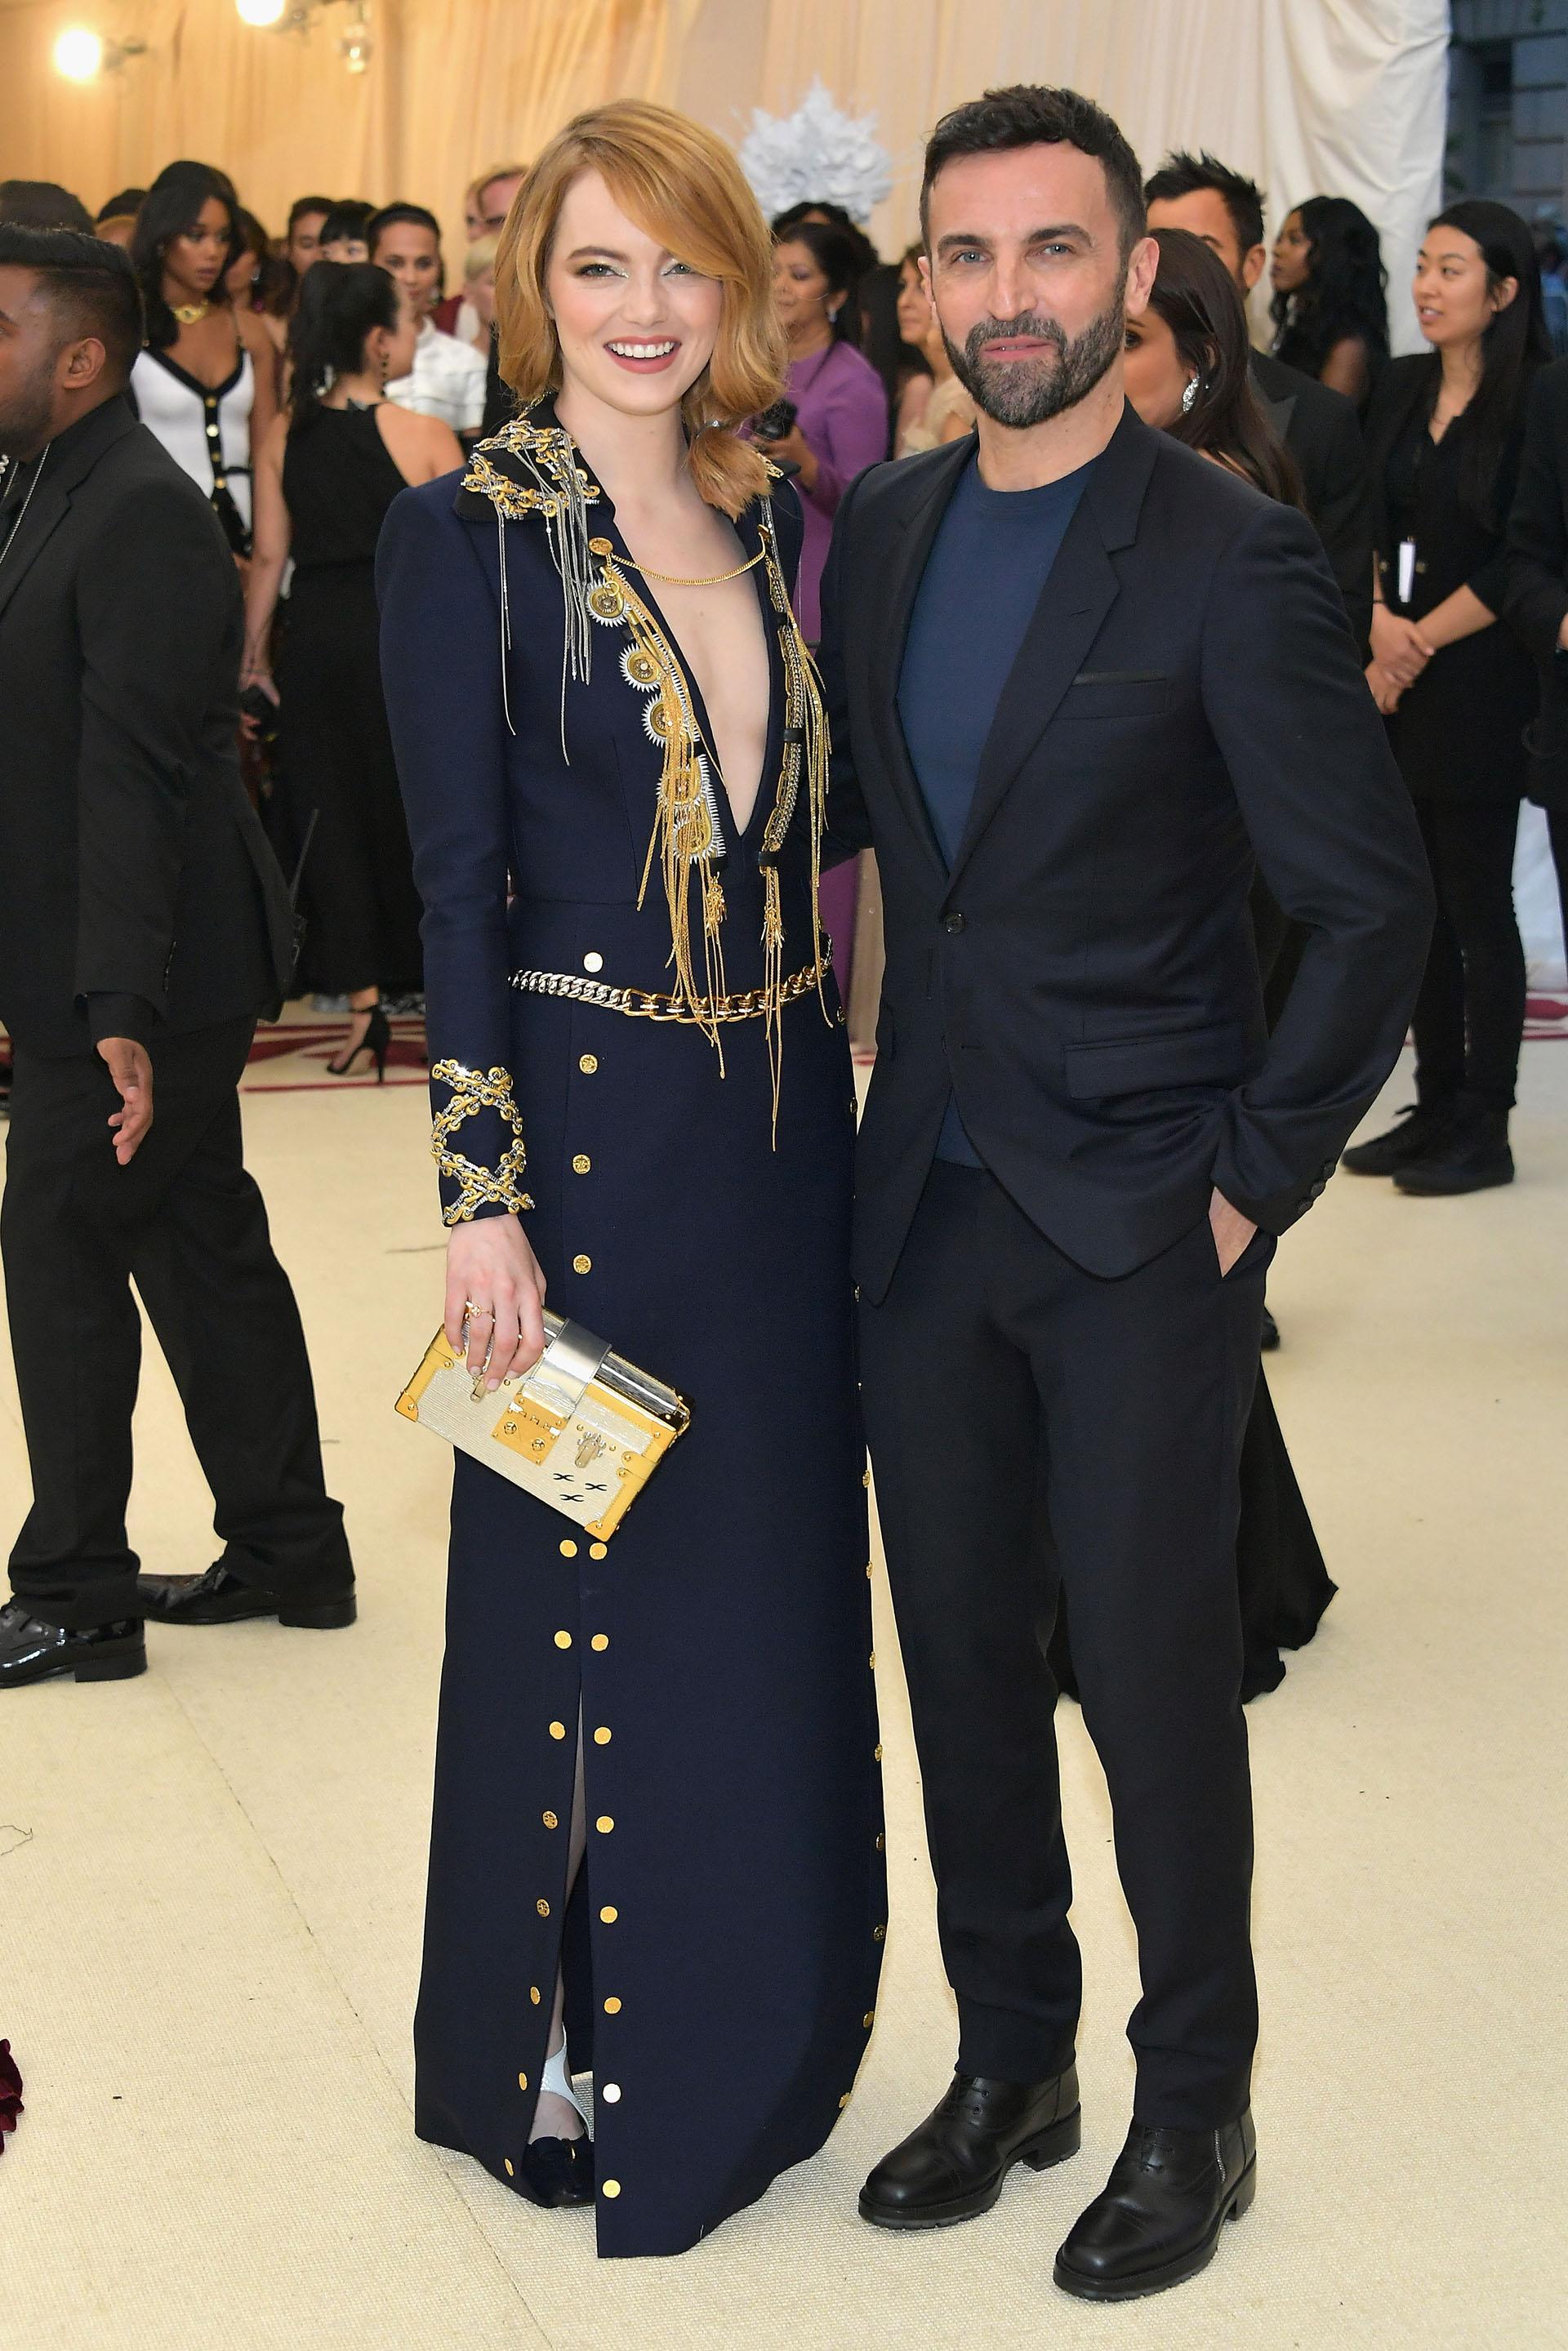 Louis Vuitton el encargado del vestuario de Emma Stone y el diseñador Nicolas Ghesquiére